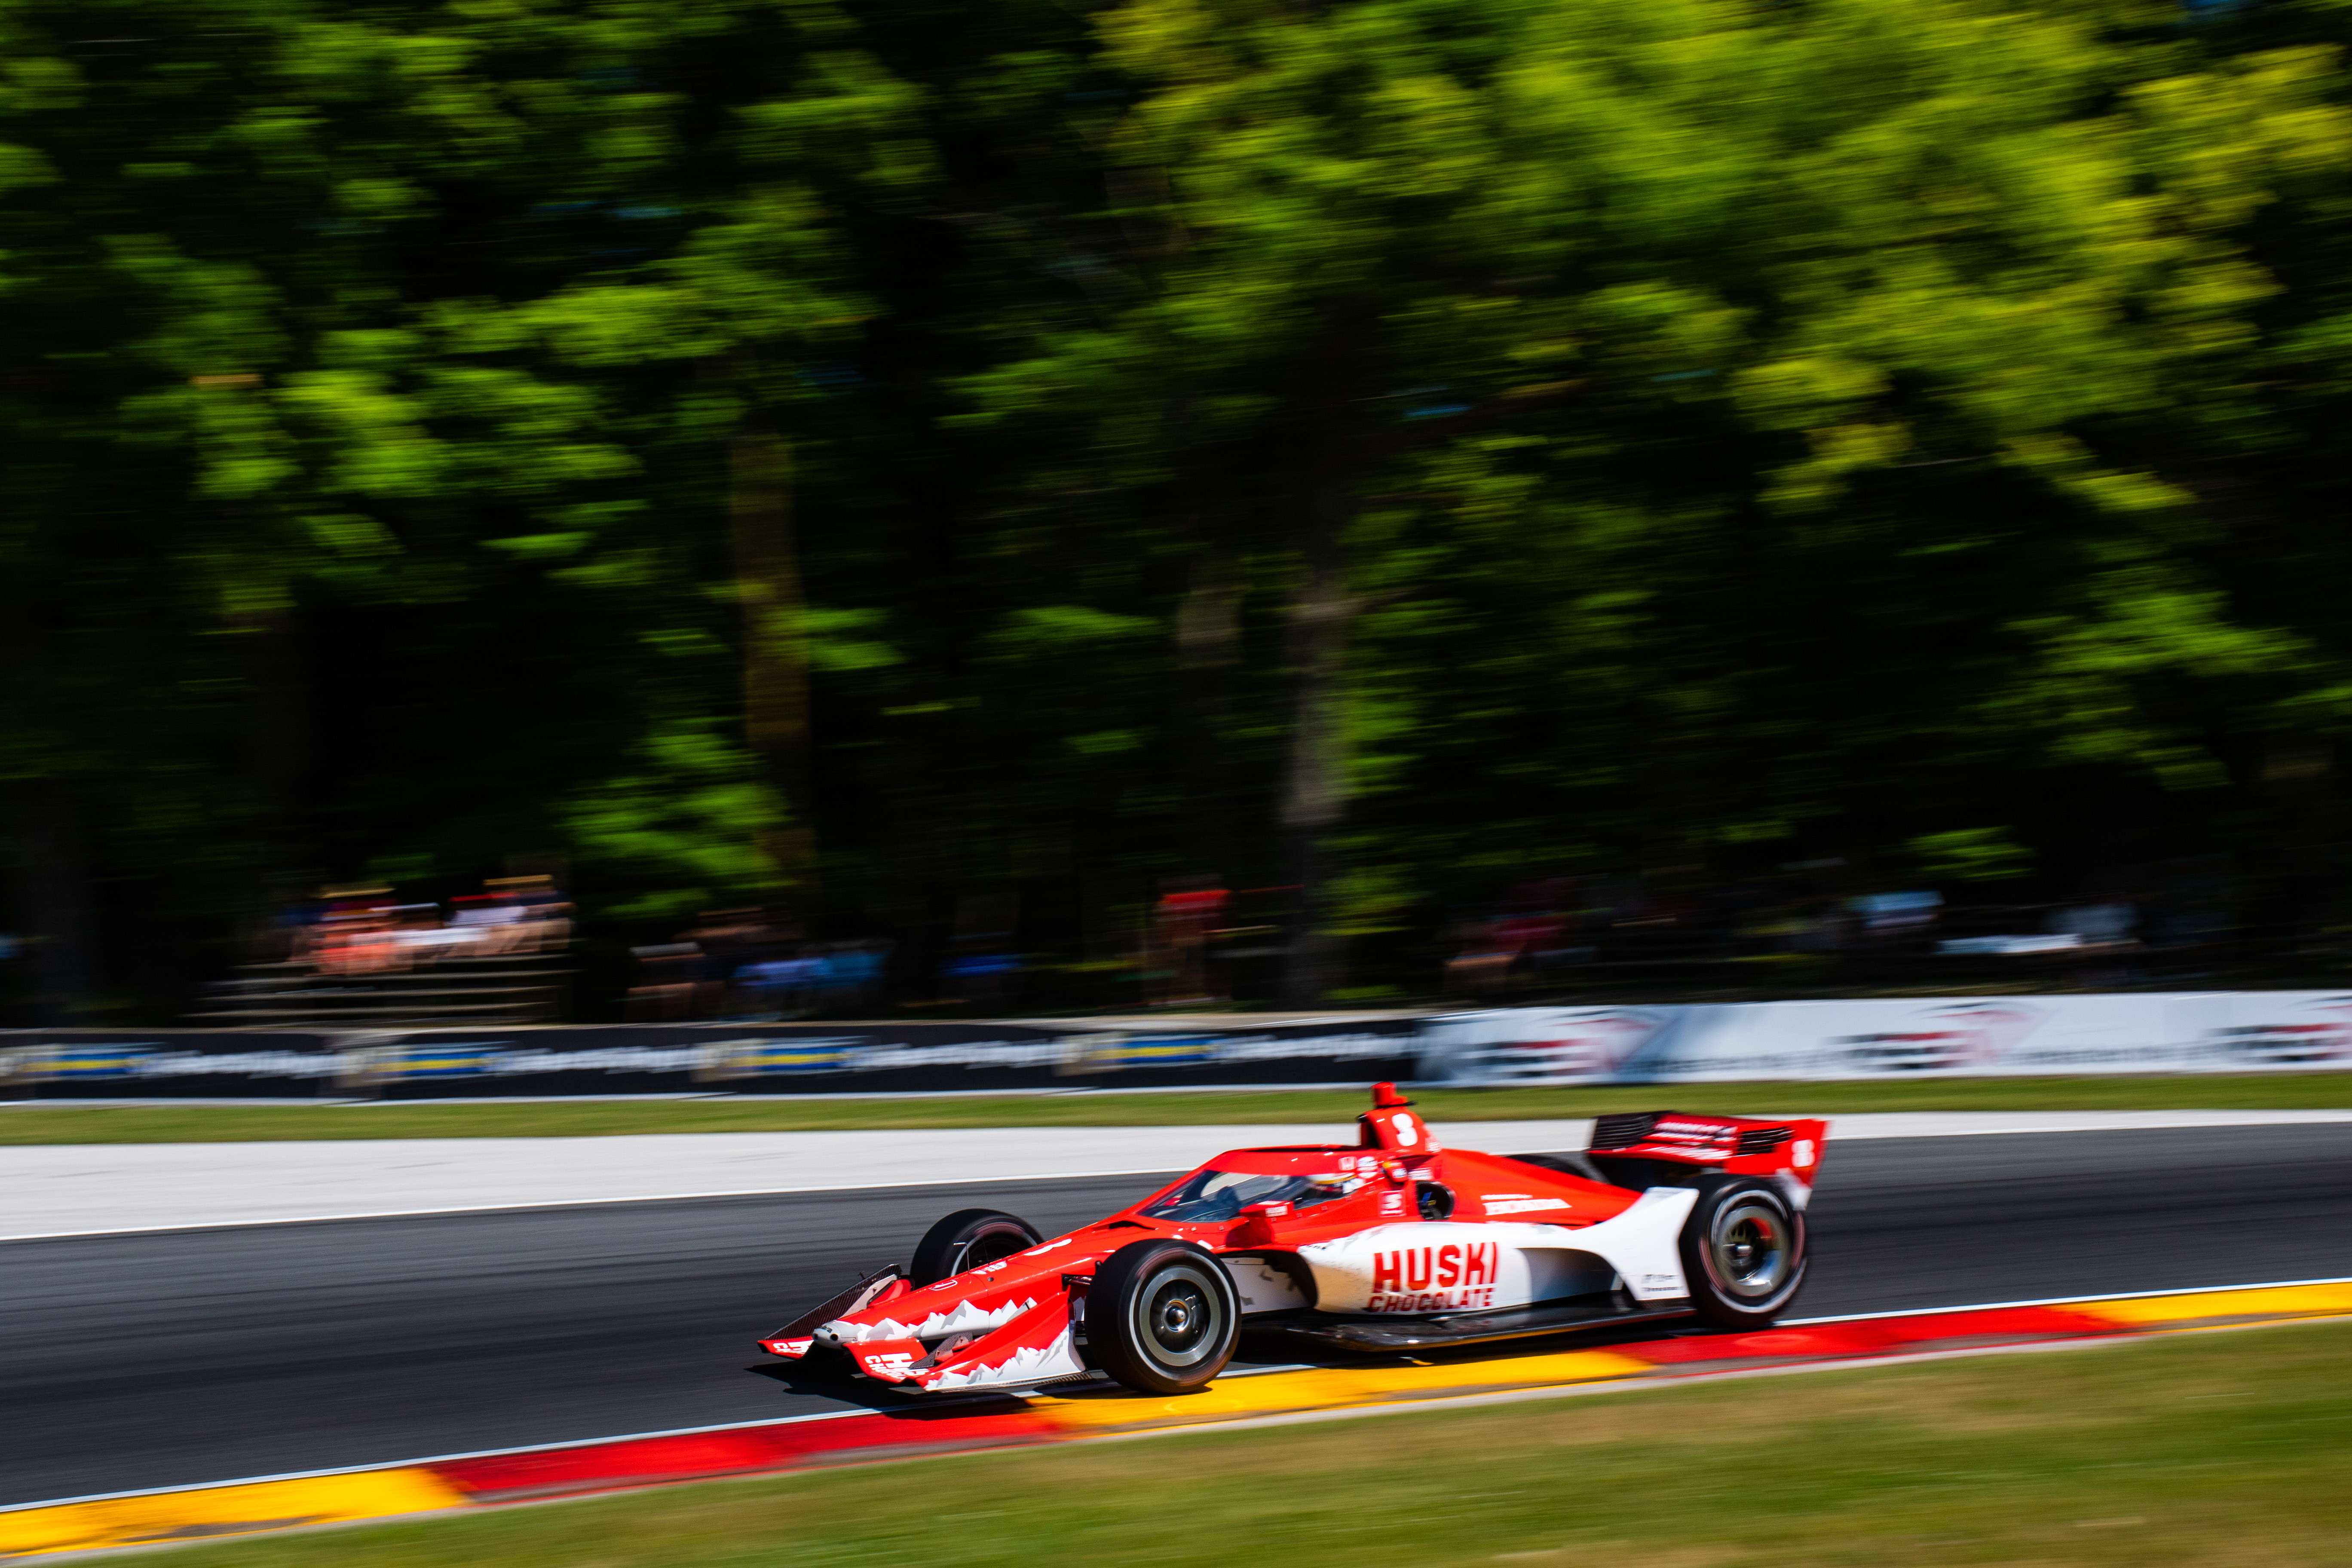 Marcus Ericsson Ganassi Road America IndyCar 2020